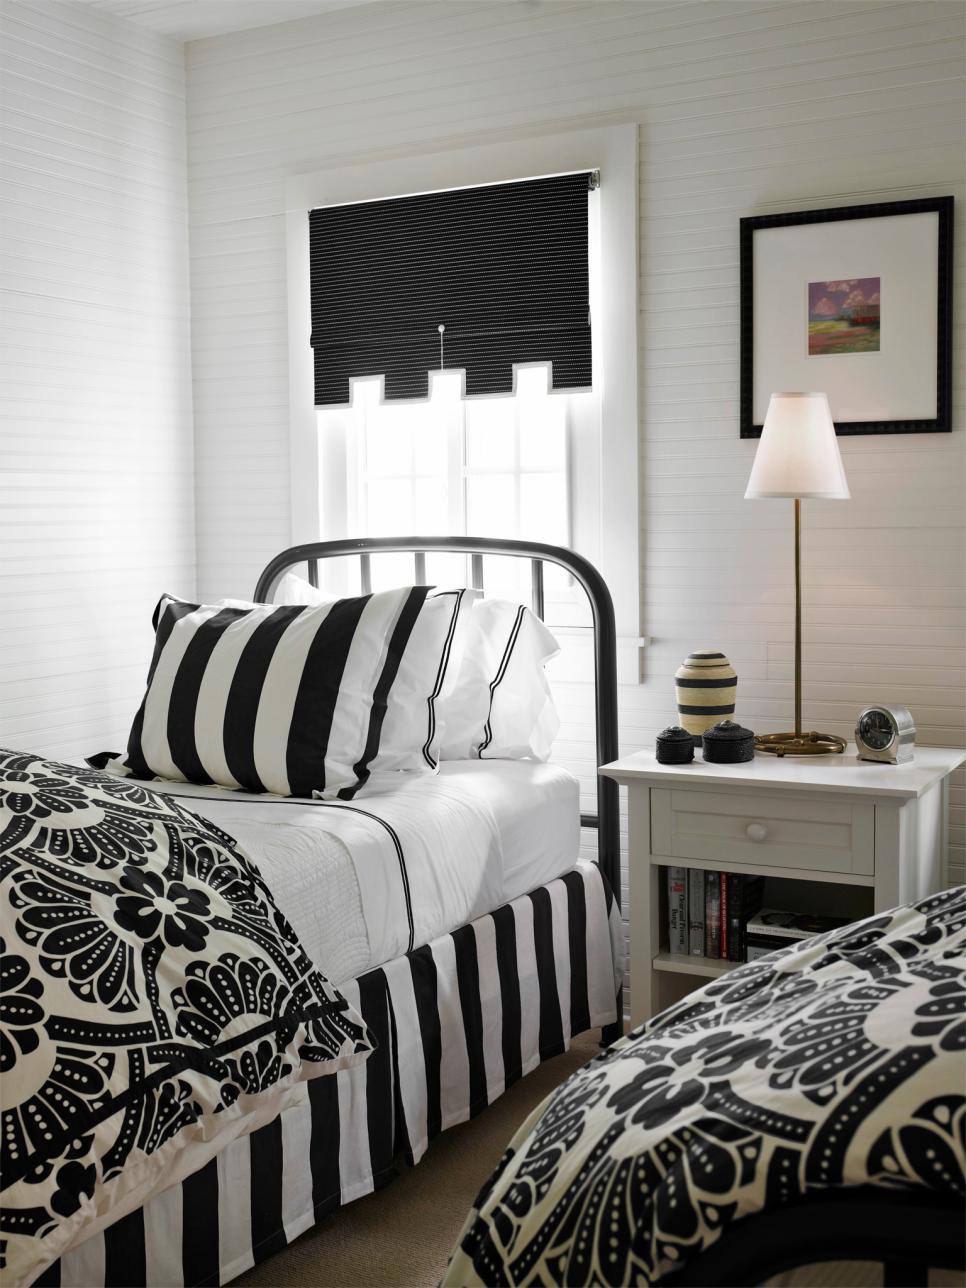 original_Tom-Stringer-black-white-bedroom-twin-beds.jpg.rend.hgtvcom.966.1288